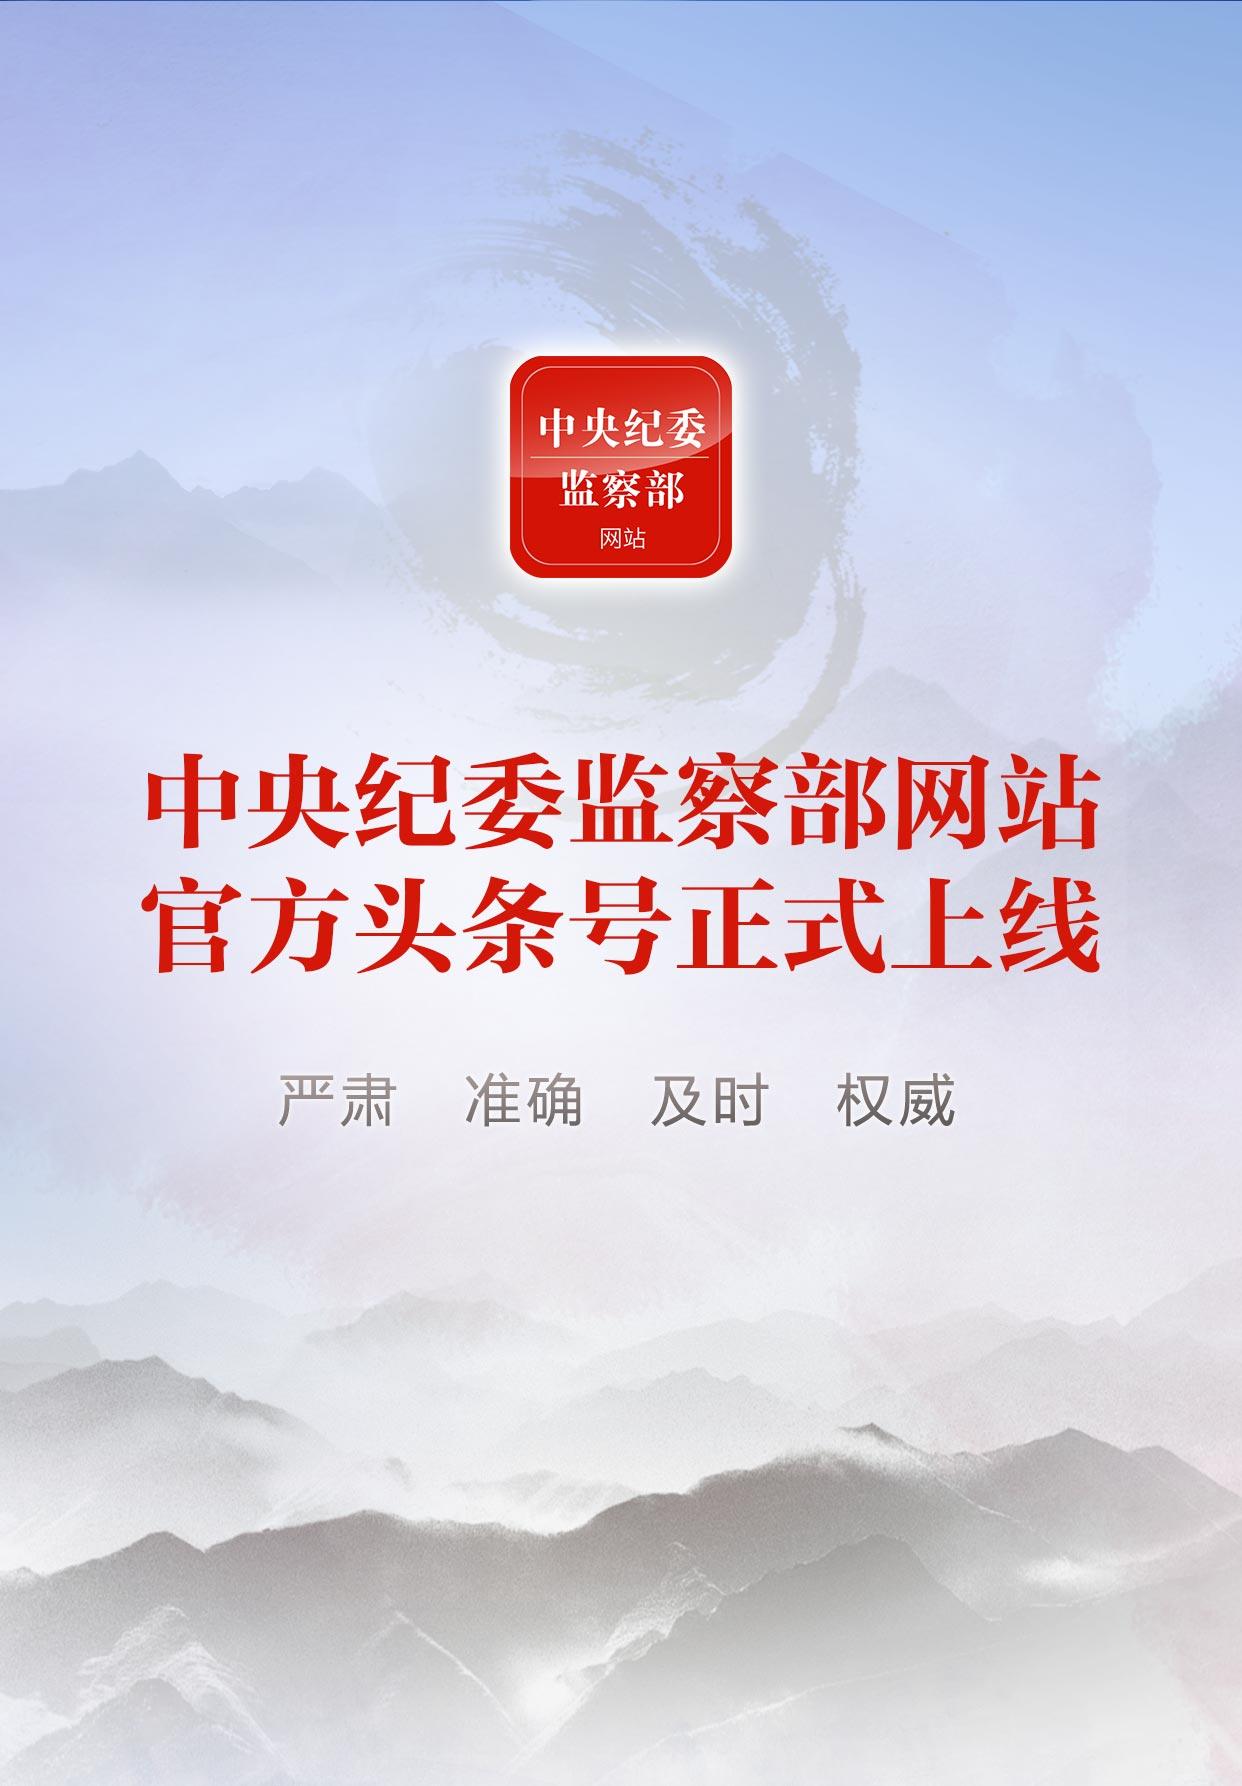 """中央纪委监察部网站官方头条号上线 打造""""三位一体""""传播格局"""